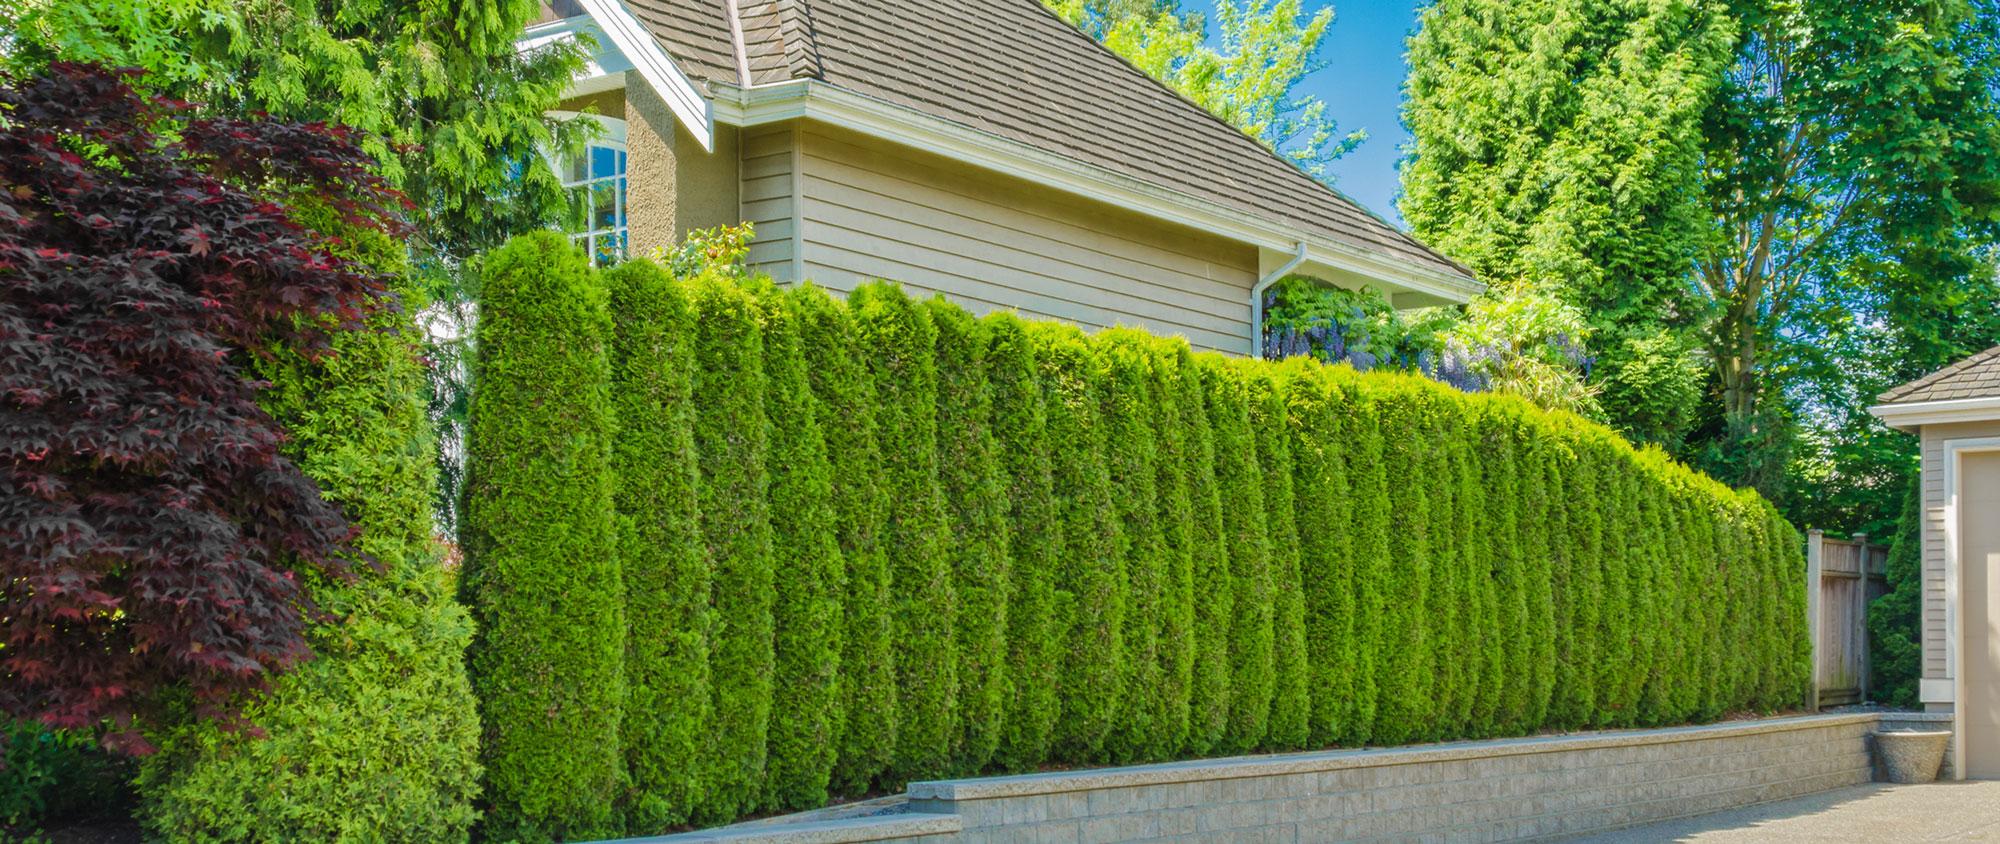 Живая изгородь быстрорастущая многолетняя и вечнозеленая